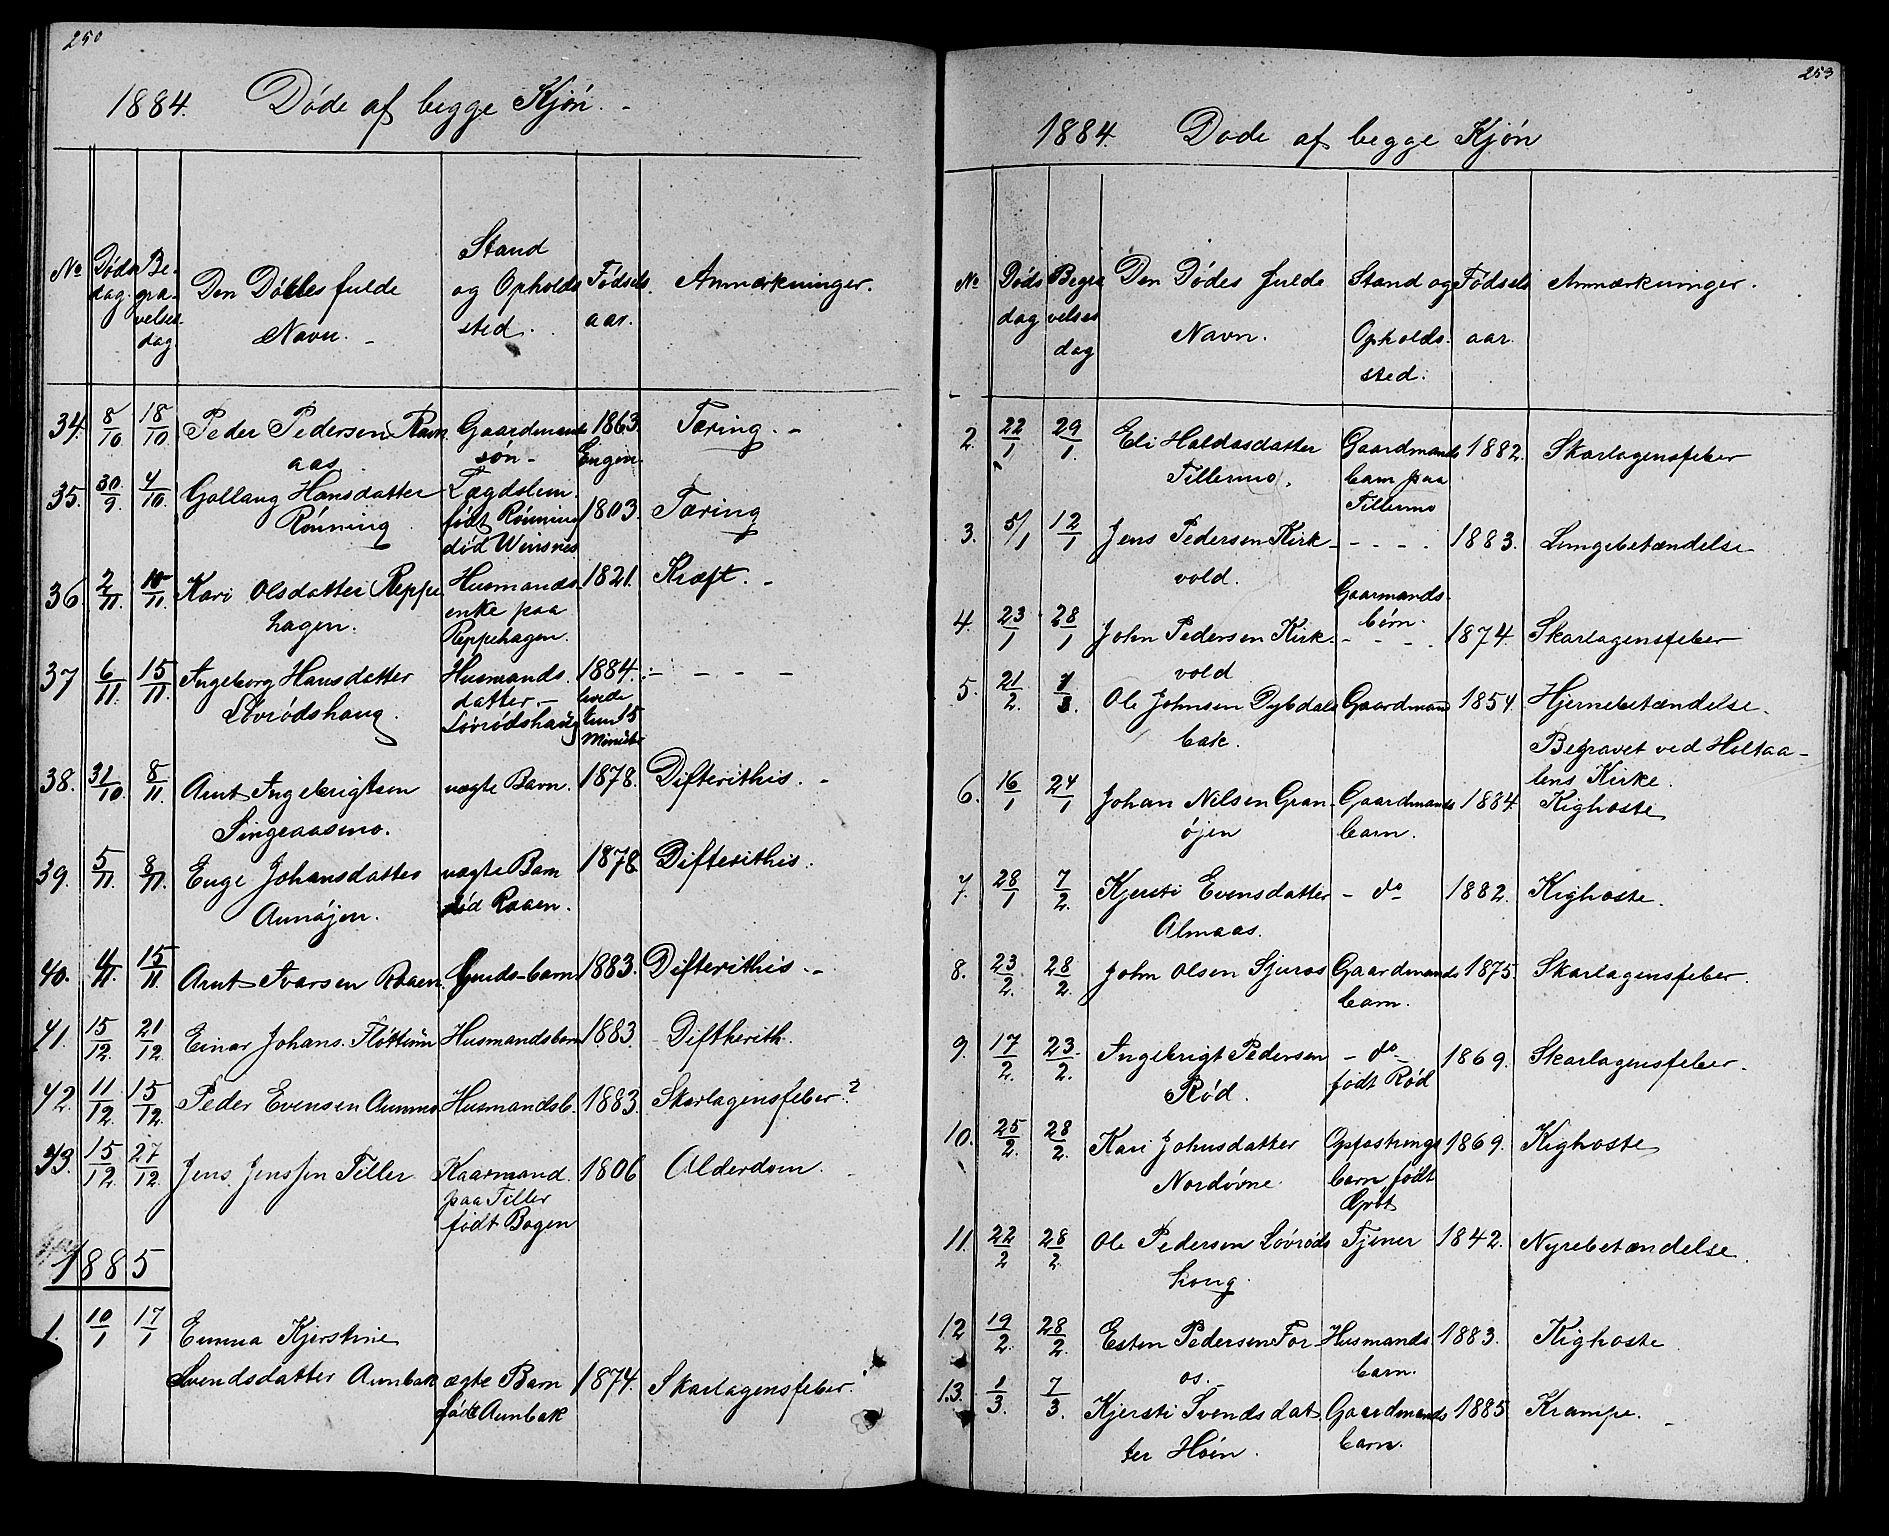 SAT, Ministerialprotokoller, klokkerbøker og fødselsregistre - Sør-Trøndelag, 688/L1027: Klokkerbok nr. 688C02, 1861-1889, s. 250-253